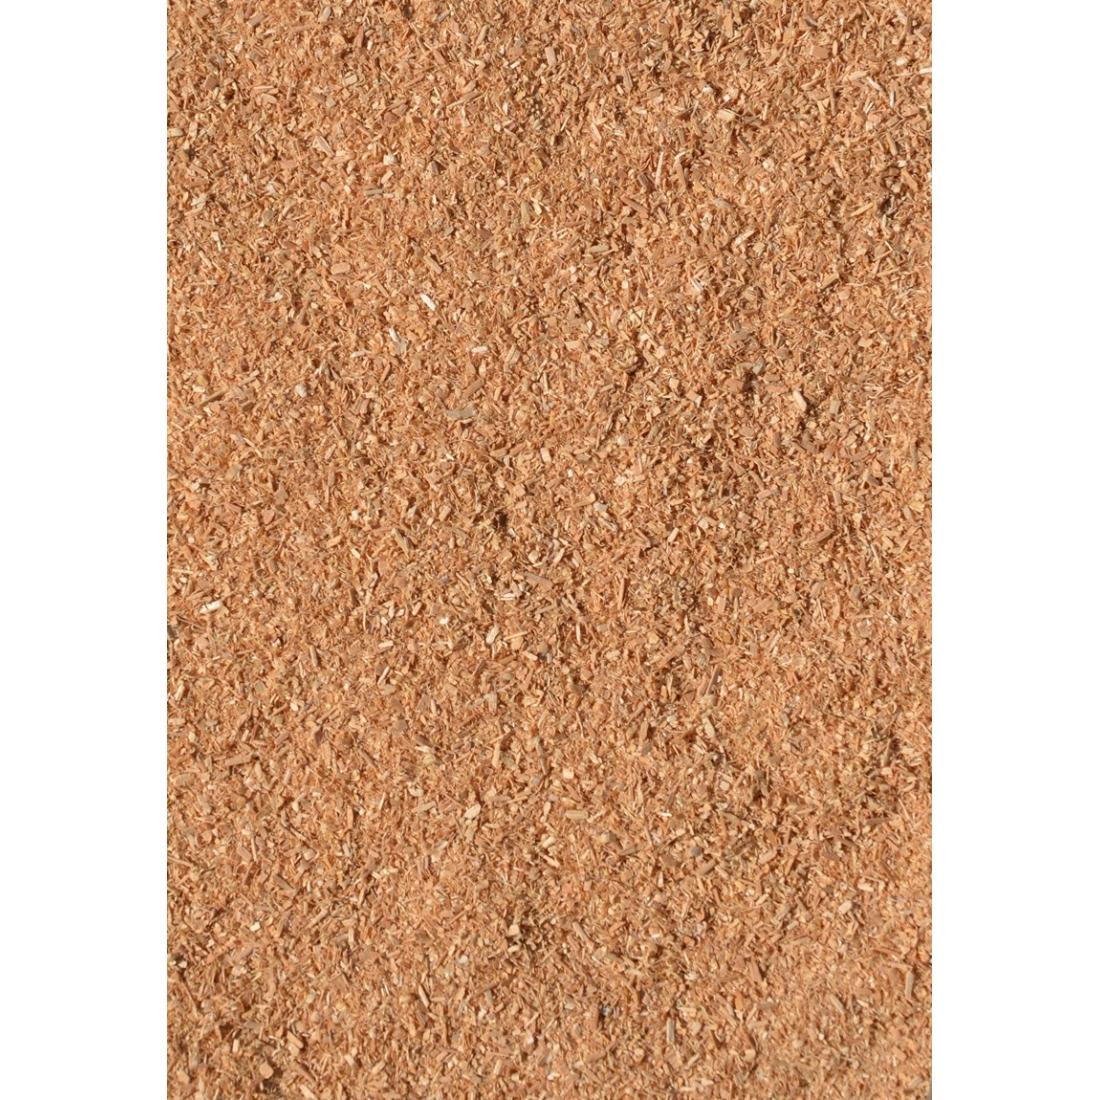 Grillgold Räuchermehl Wood Smoking Dust zum räuchen 30L Papier-Sack Kirsche